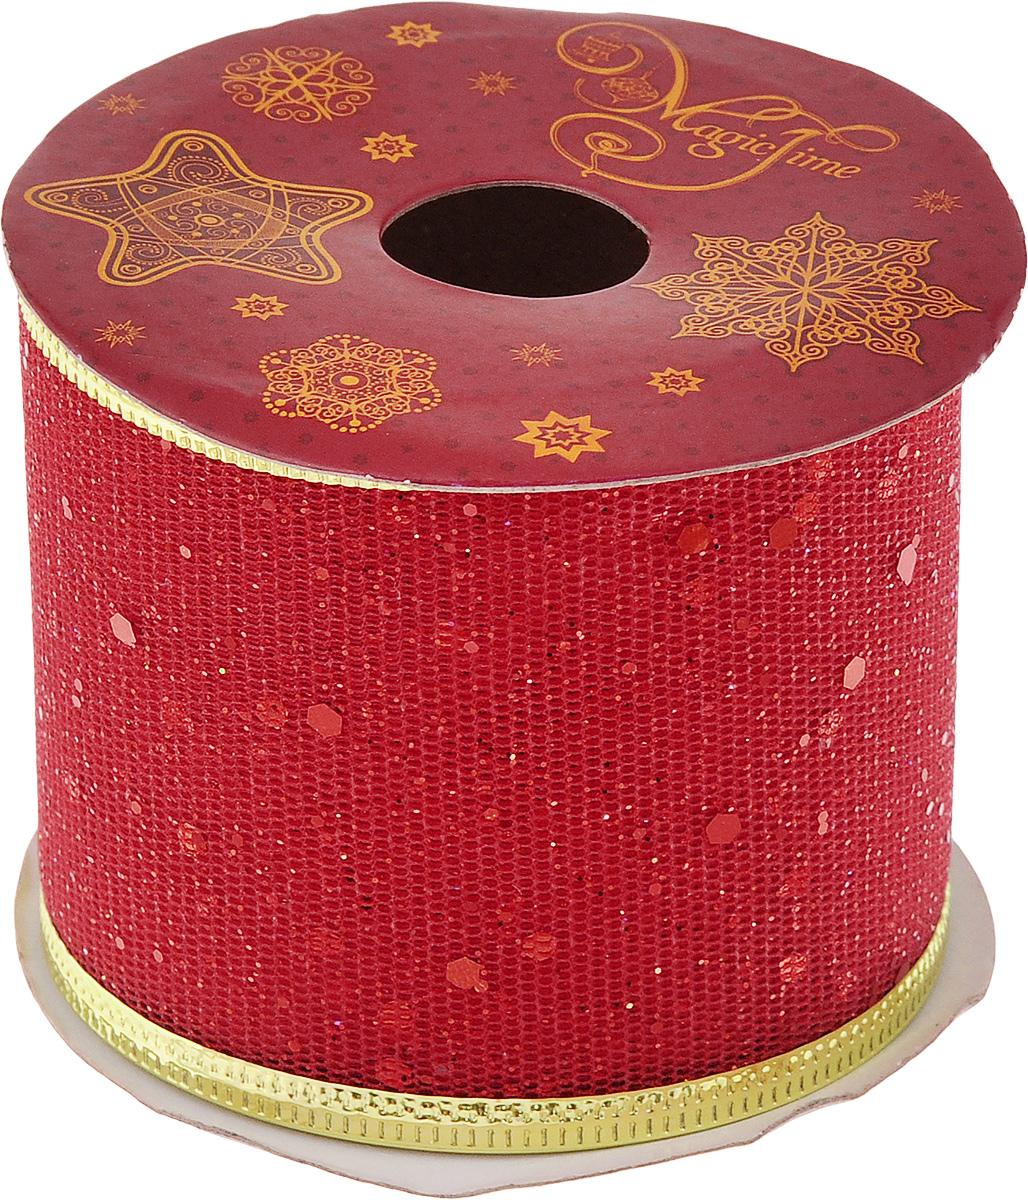 Лента новогодняя Magic Time Конфетти, цвет: красный, золотистый, 6,3 см х 2,7 м42802Декоративная лента Magic Time Конфетти выполнена из полиэстера. В края ленты вставлена проволока, благодаря чему ее легко фиксировать. Она предназначена для оформления подарочных коробок, пакетов. Кроме того, декоративная лента с успехом применяется для художественного оформления витрин, праздничного оформления помещений, изготовления искусственных цветов. Декоративная лента украсит интерьер вашего дома к праздникам.Ширина ленты: 6,3 см.